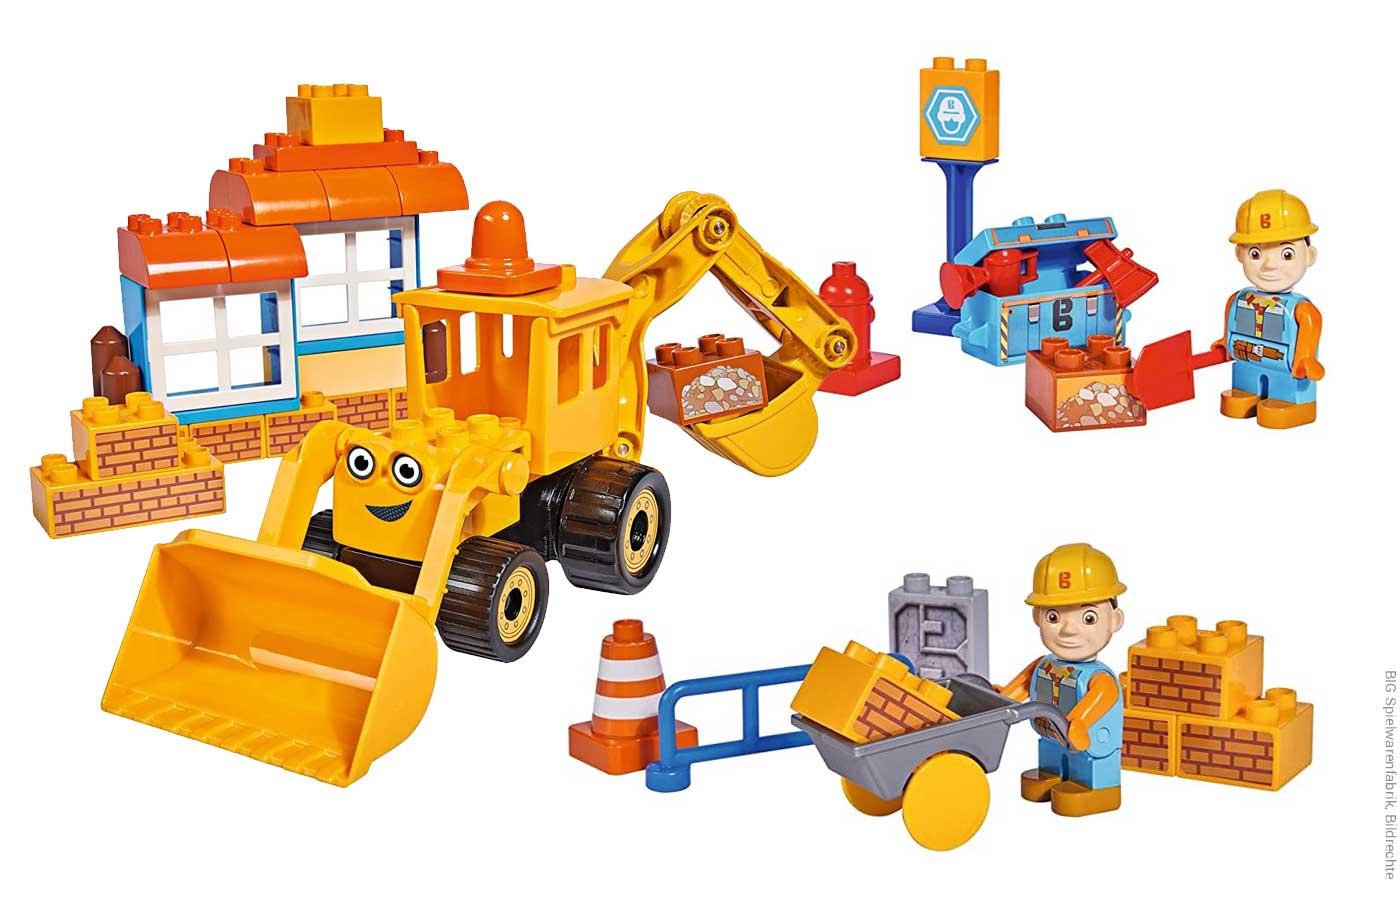 Spielzeug von Bob der Baumeister